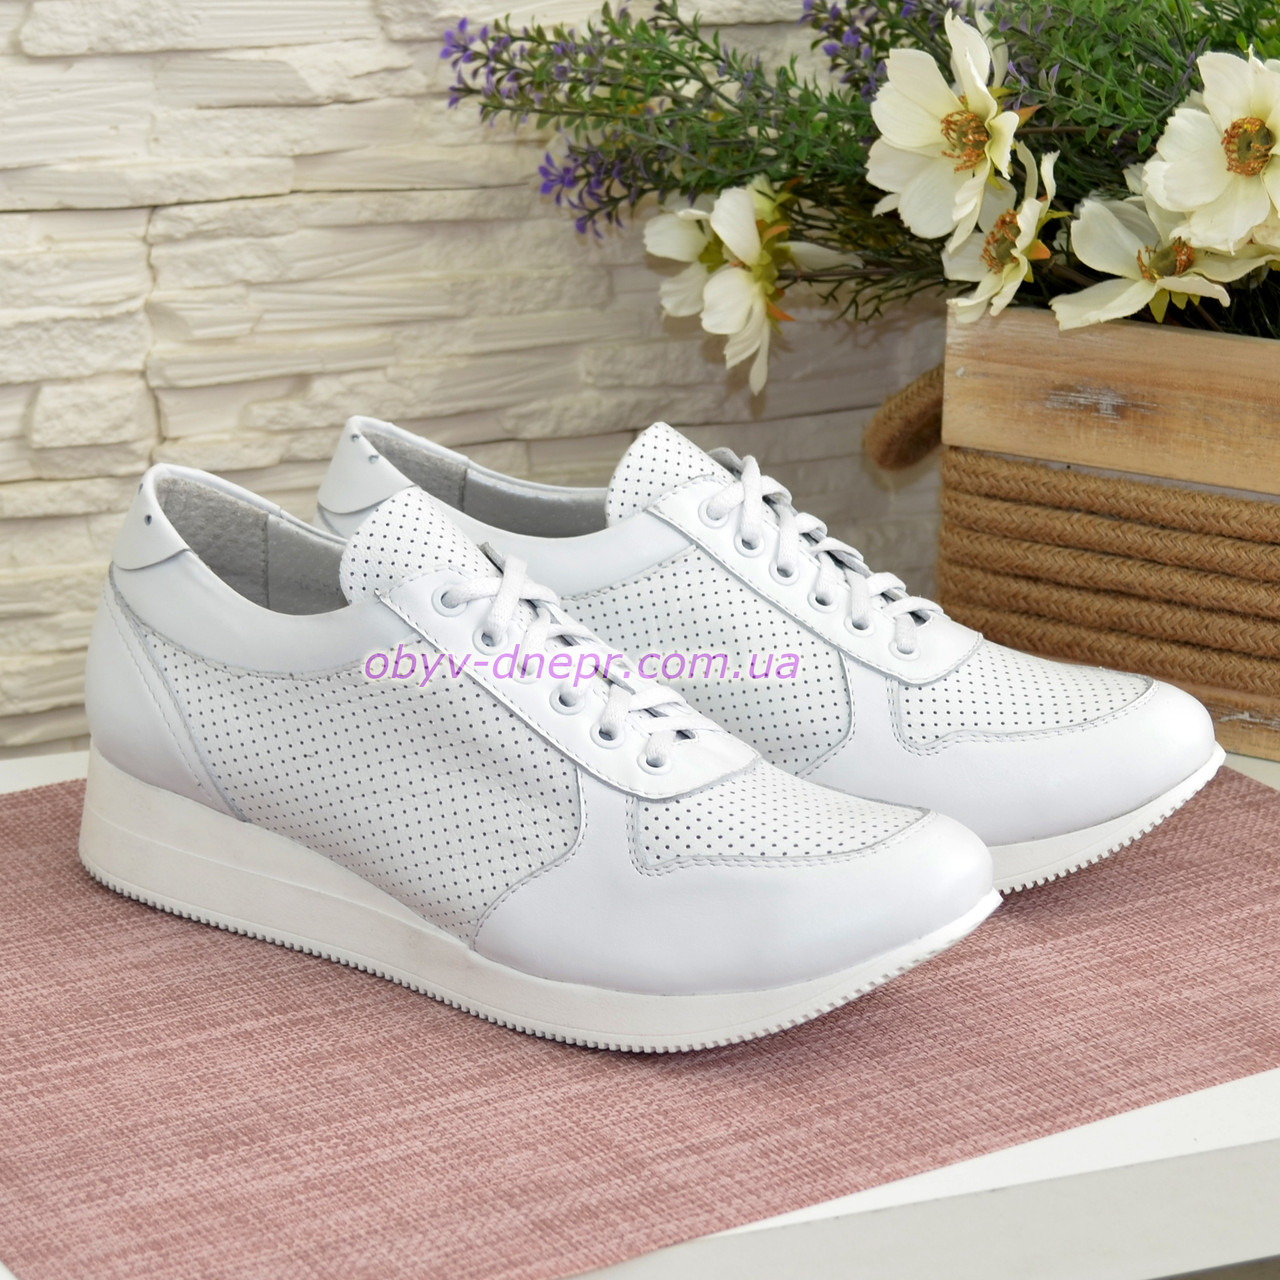 Стильные кожаные кроссовки из перфорированной кожи, цвет белый